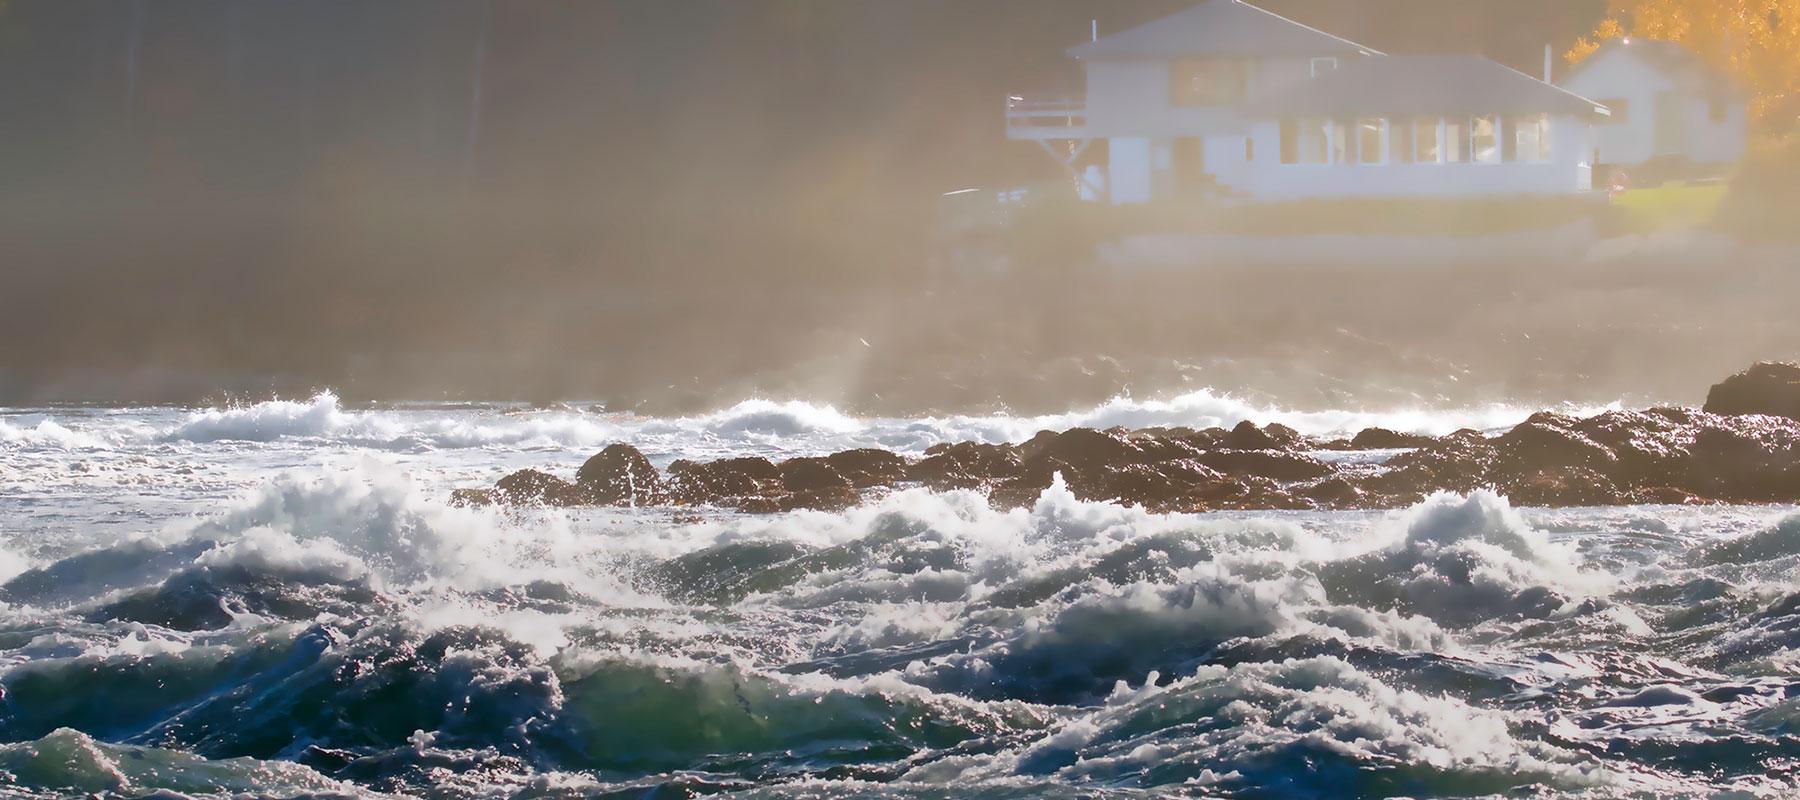 Tidal Falls by Jeff DiBella